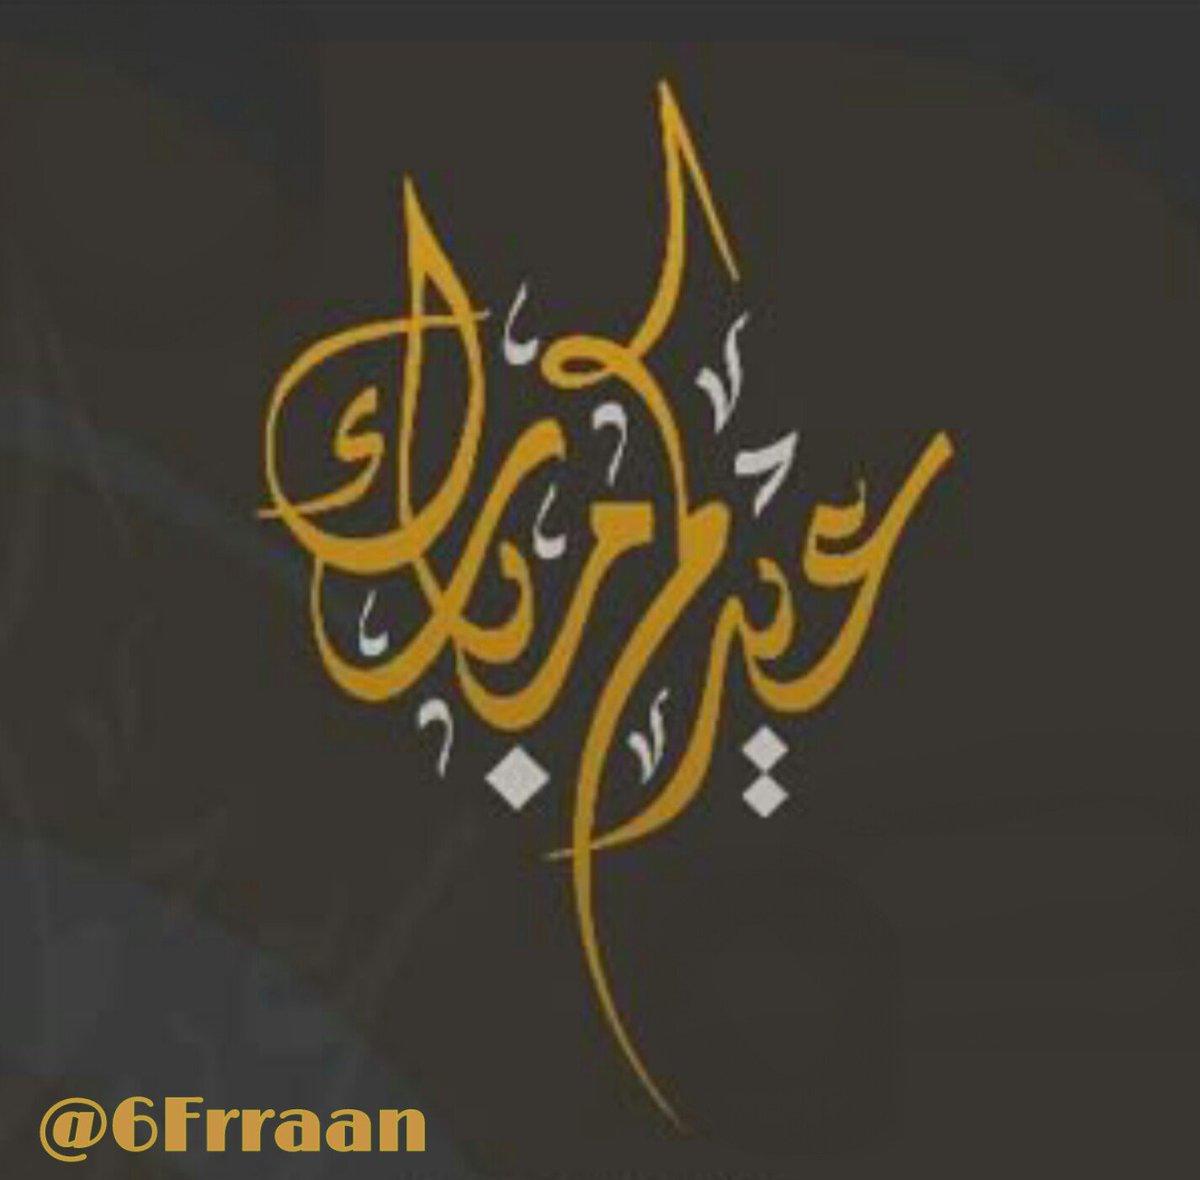 تقبل الله منا ومنكم صالح الأعمال  و #عيدكم_مبارك .. ♡ ...... [ 🇸🇦 ] https://t.co/yfav7heBoX